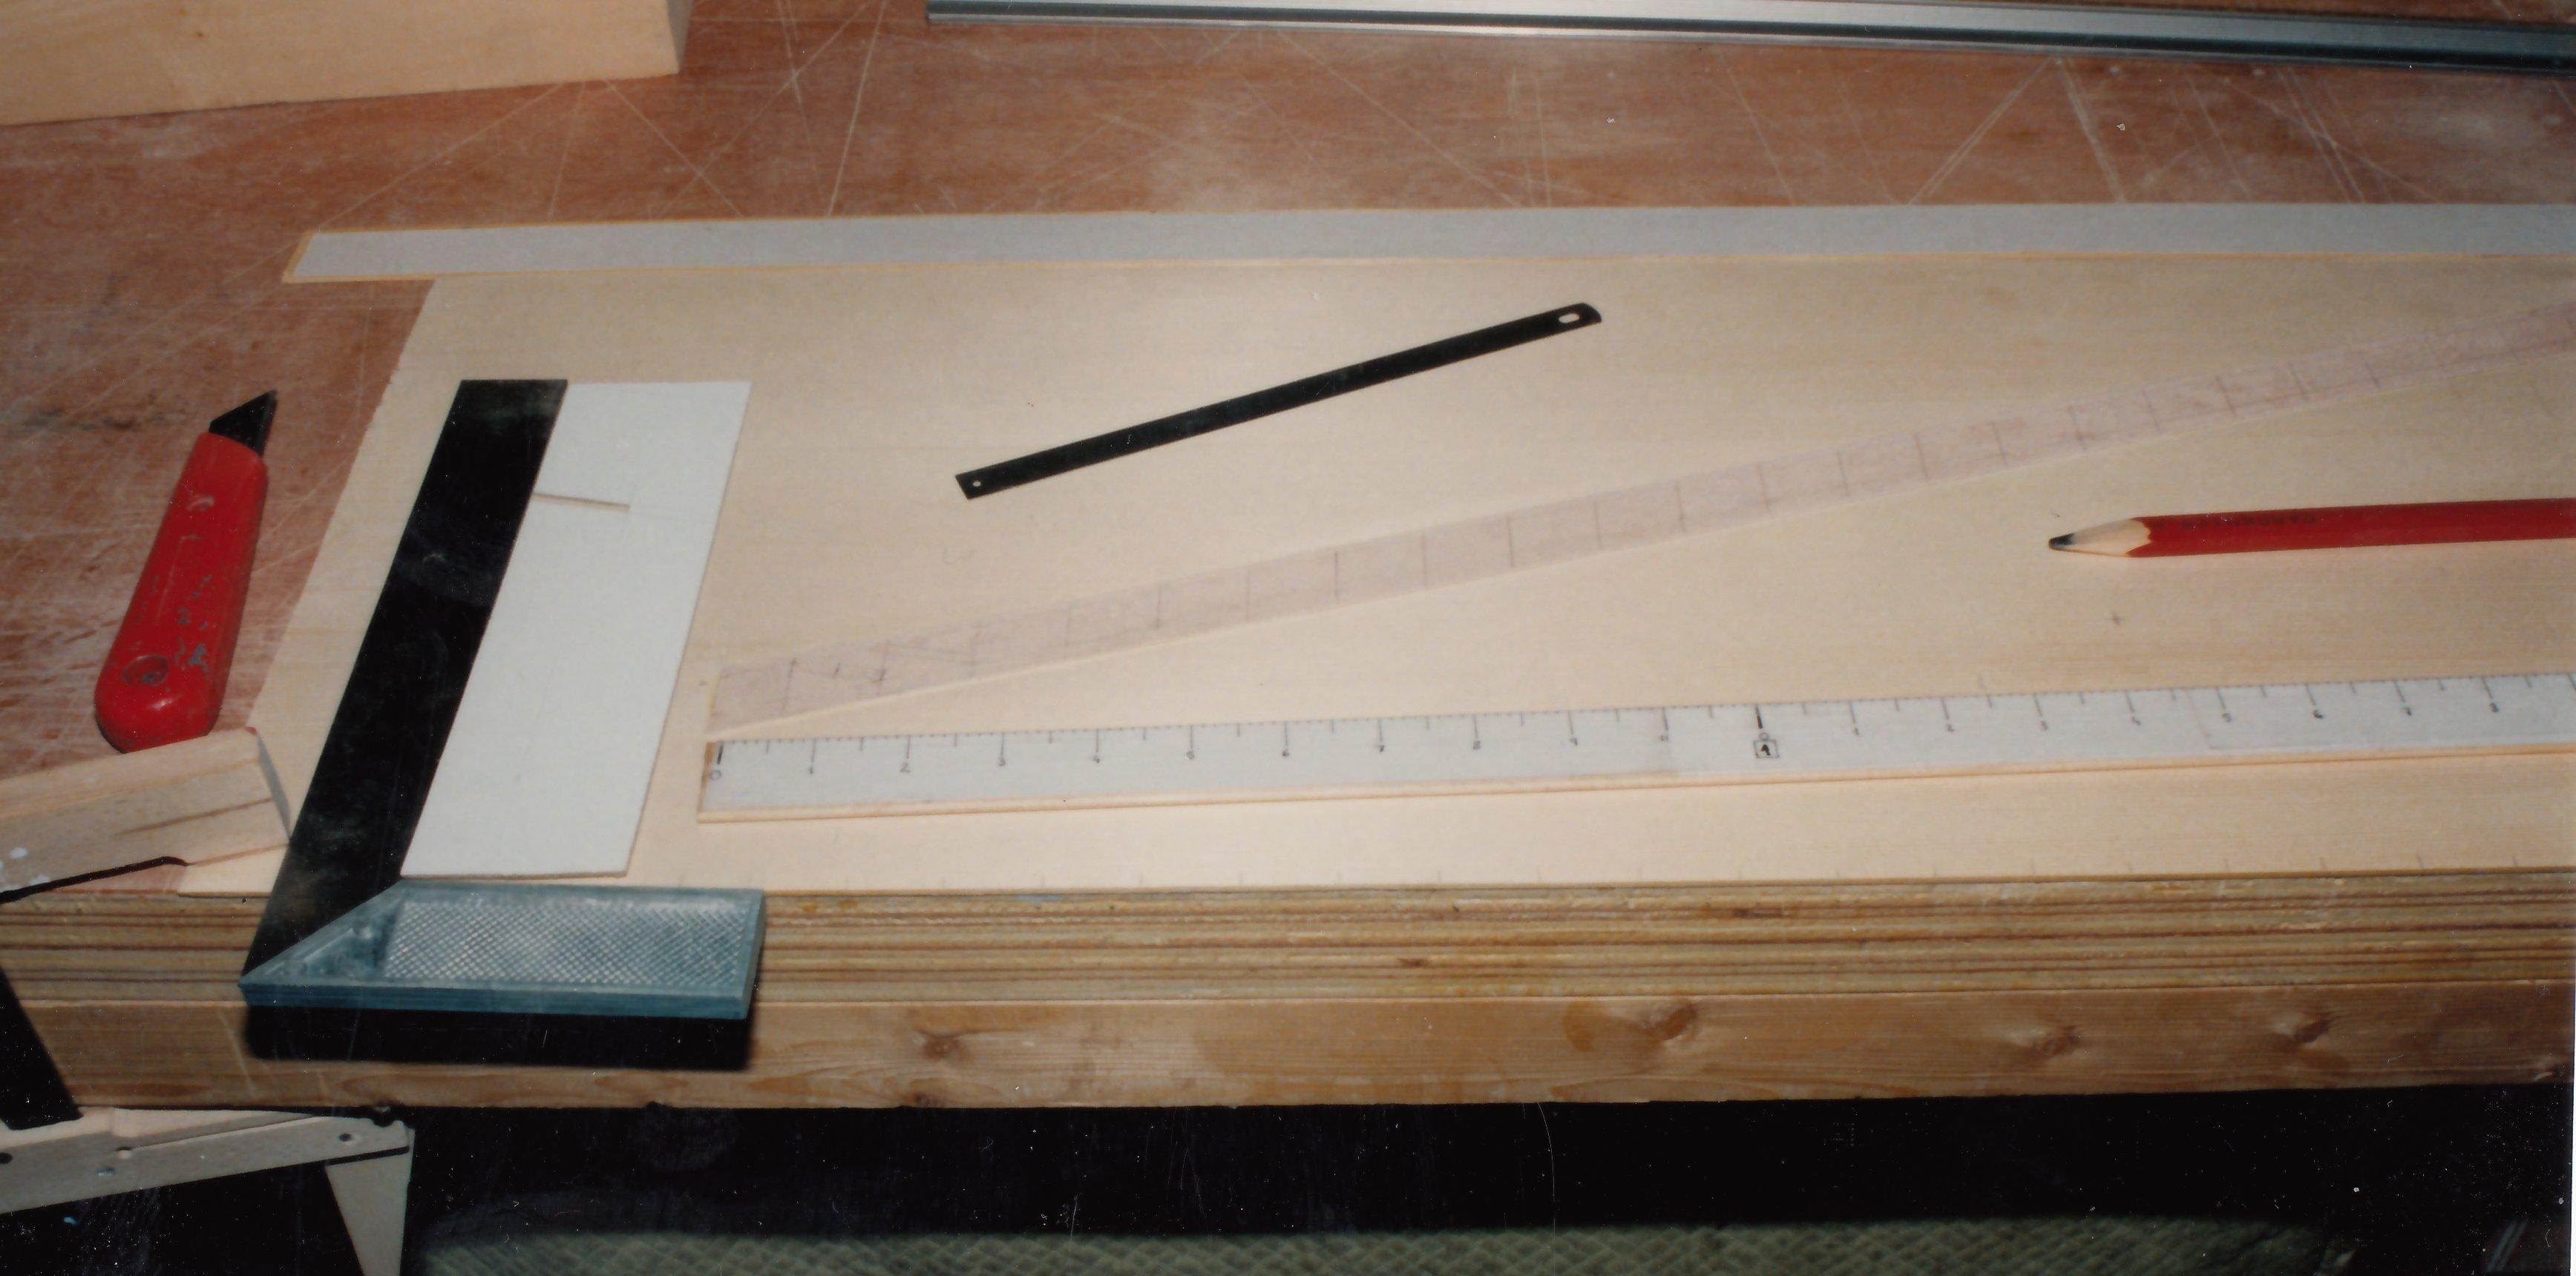 Fabrication d'instruments de musique anciens de bgire - Page 2 20030510302923134916674699